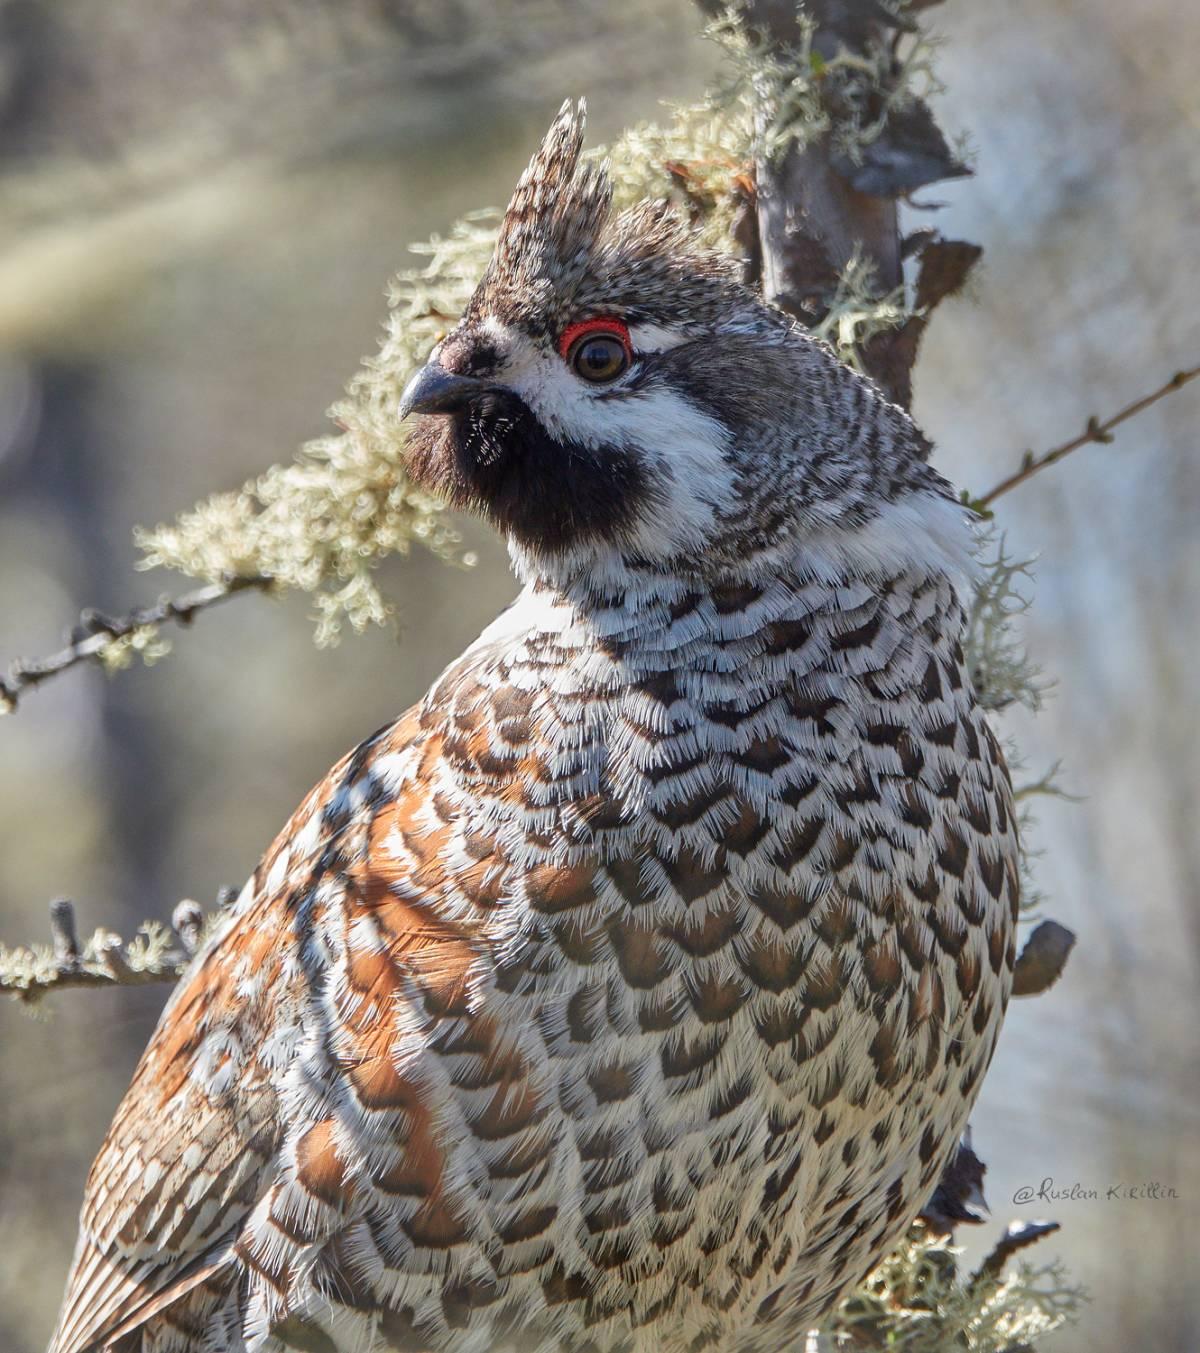 красителя картинки птиц рябчик стоит использовать